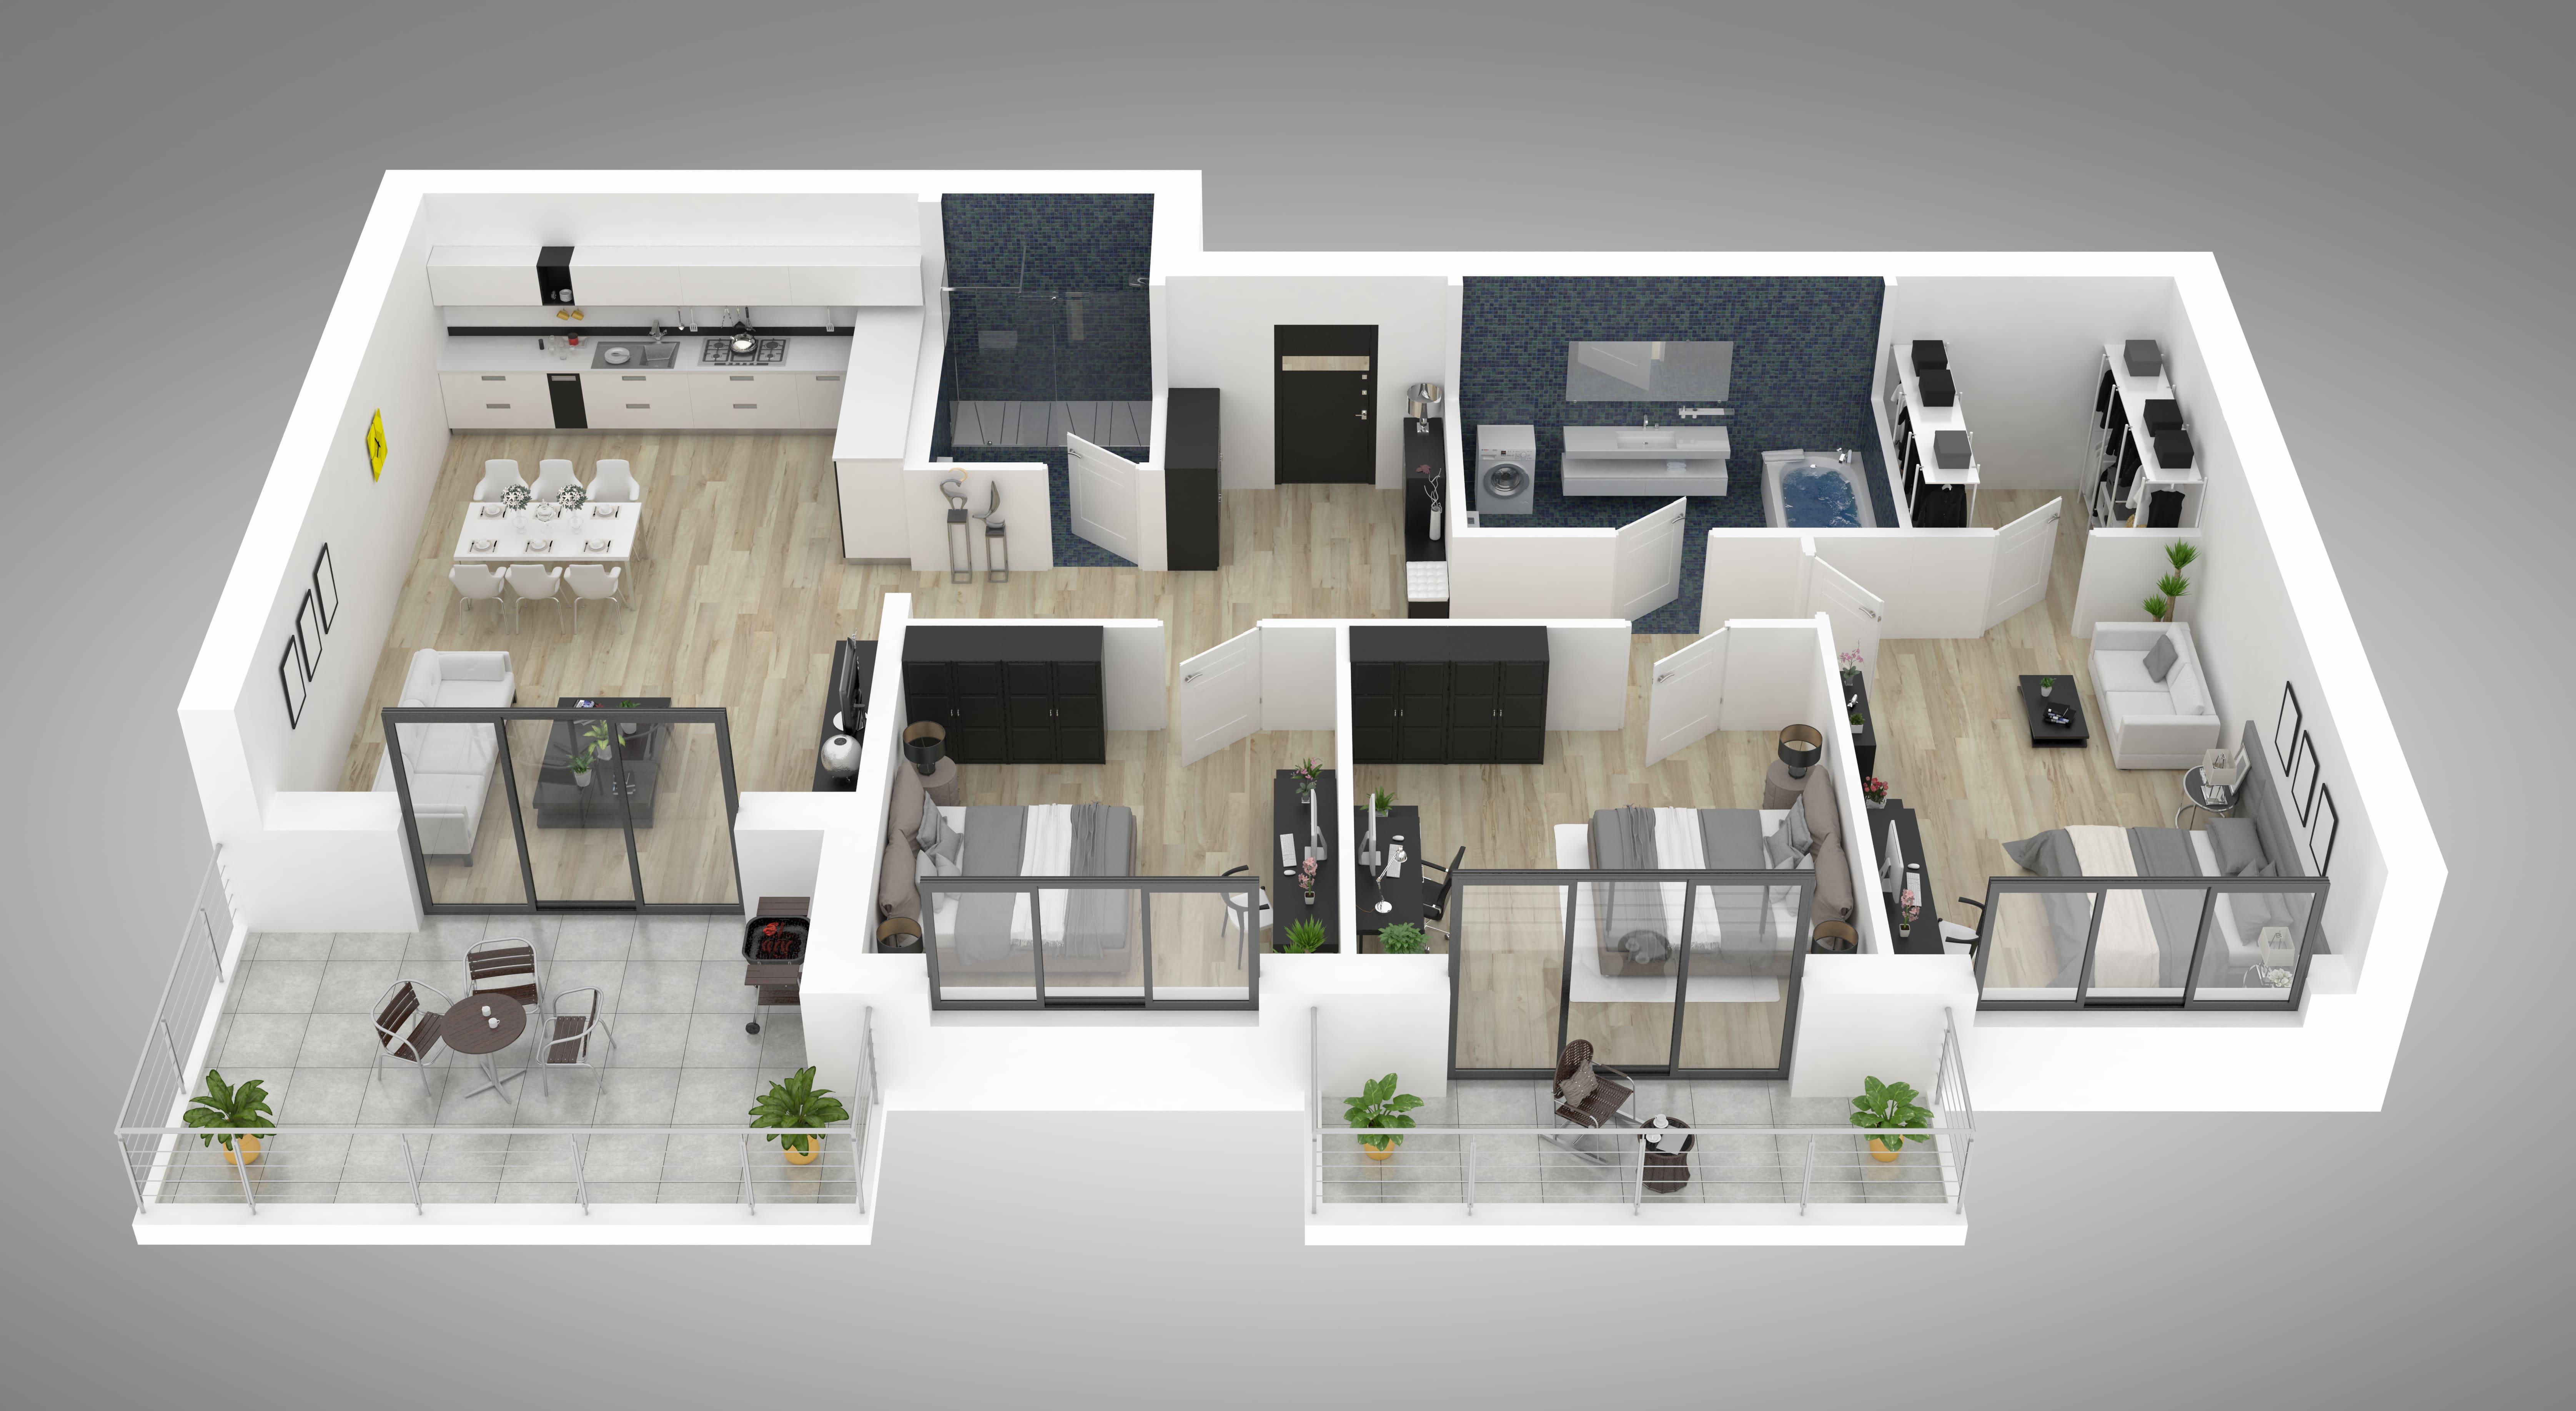 Imagem de um mockup de um apartamento com móveis para remeter ao empreendedor que deseja abrir uma loja de móveis planejados